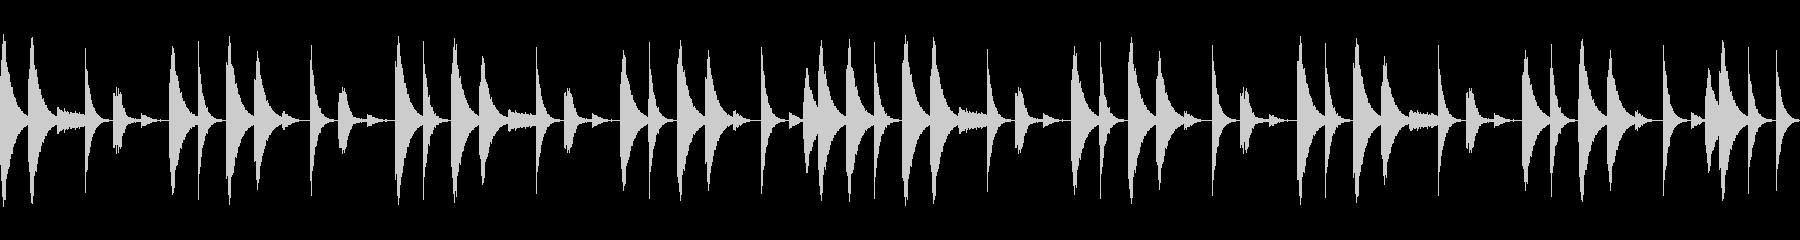 808音源を使用したシンプルなリズム05の未再生の波形